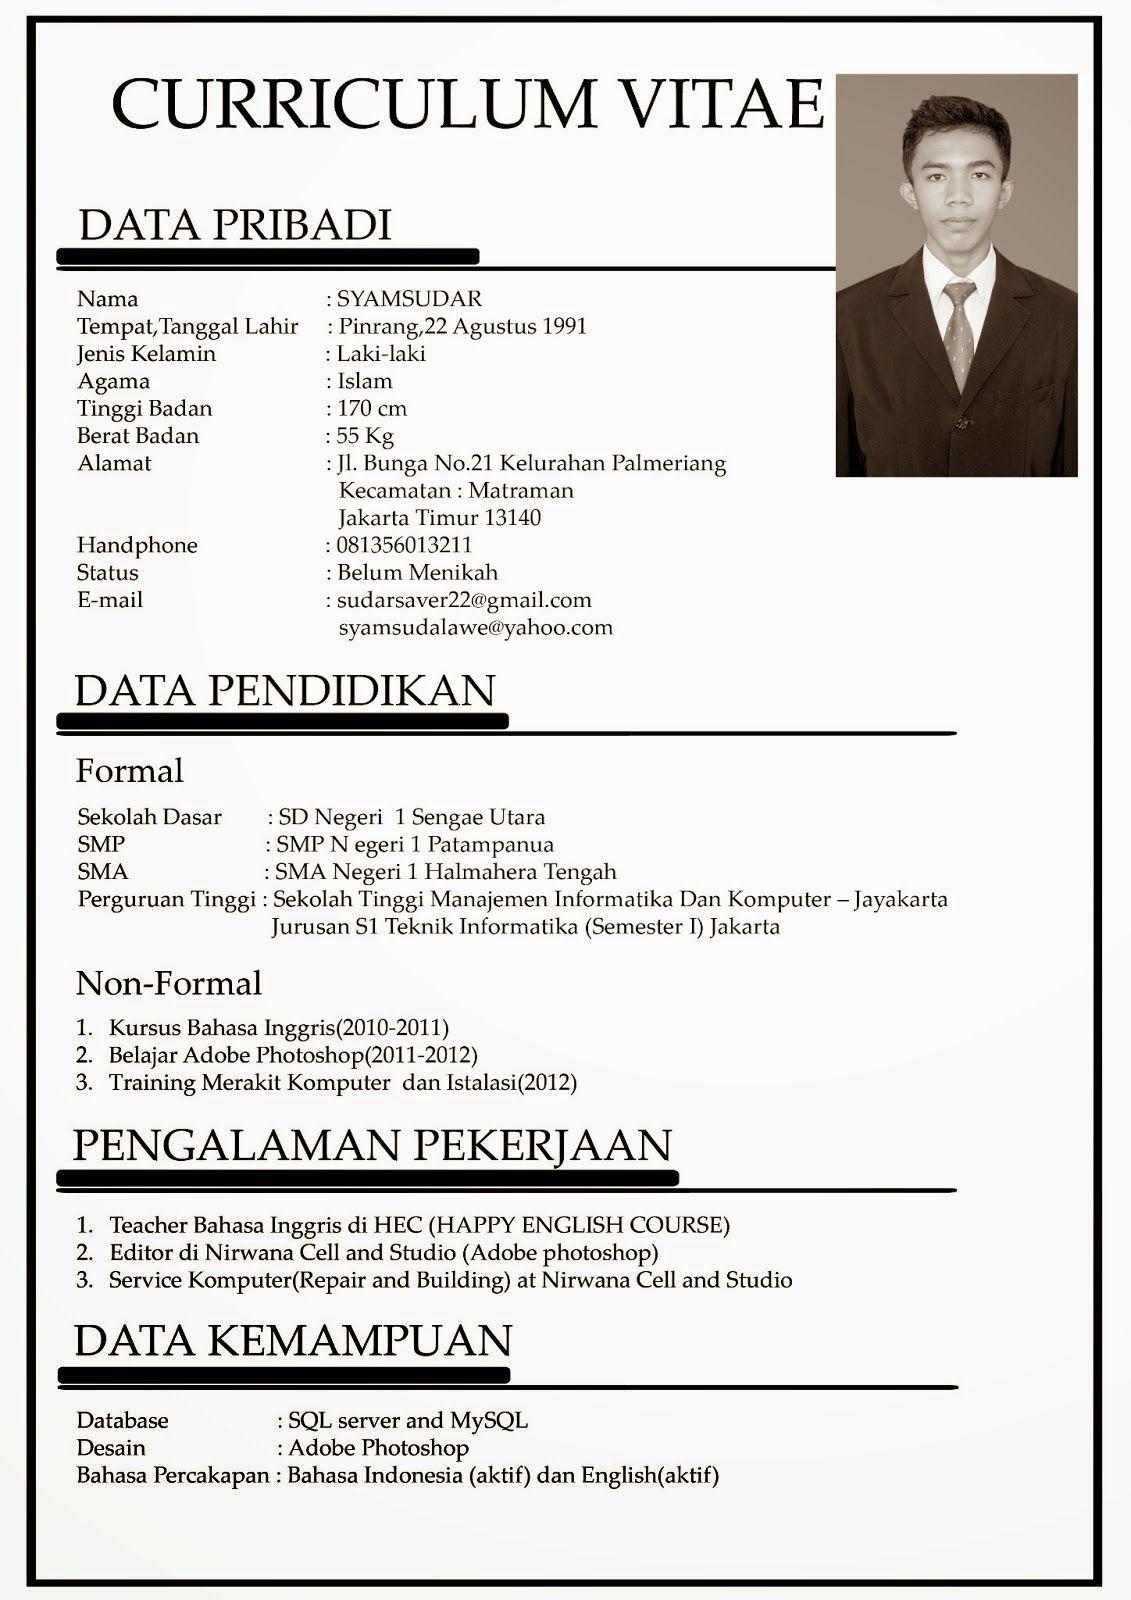 Curriculum Vitae Dalam Bahasa Indonesia